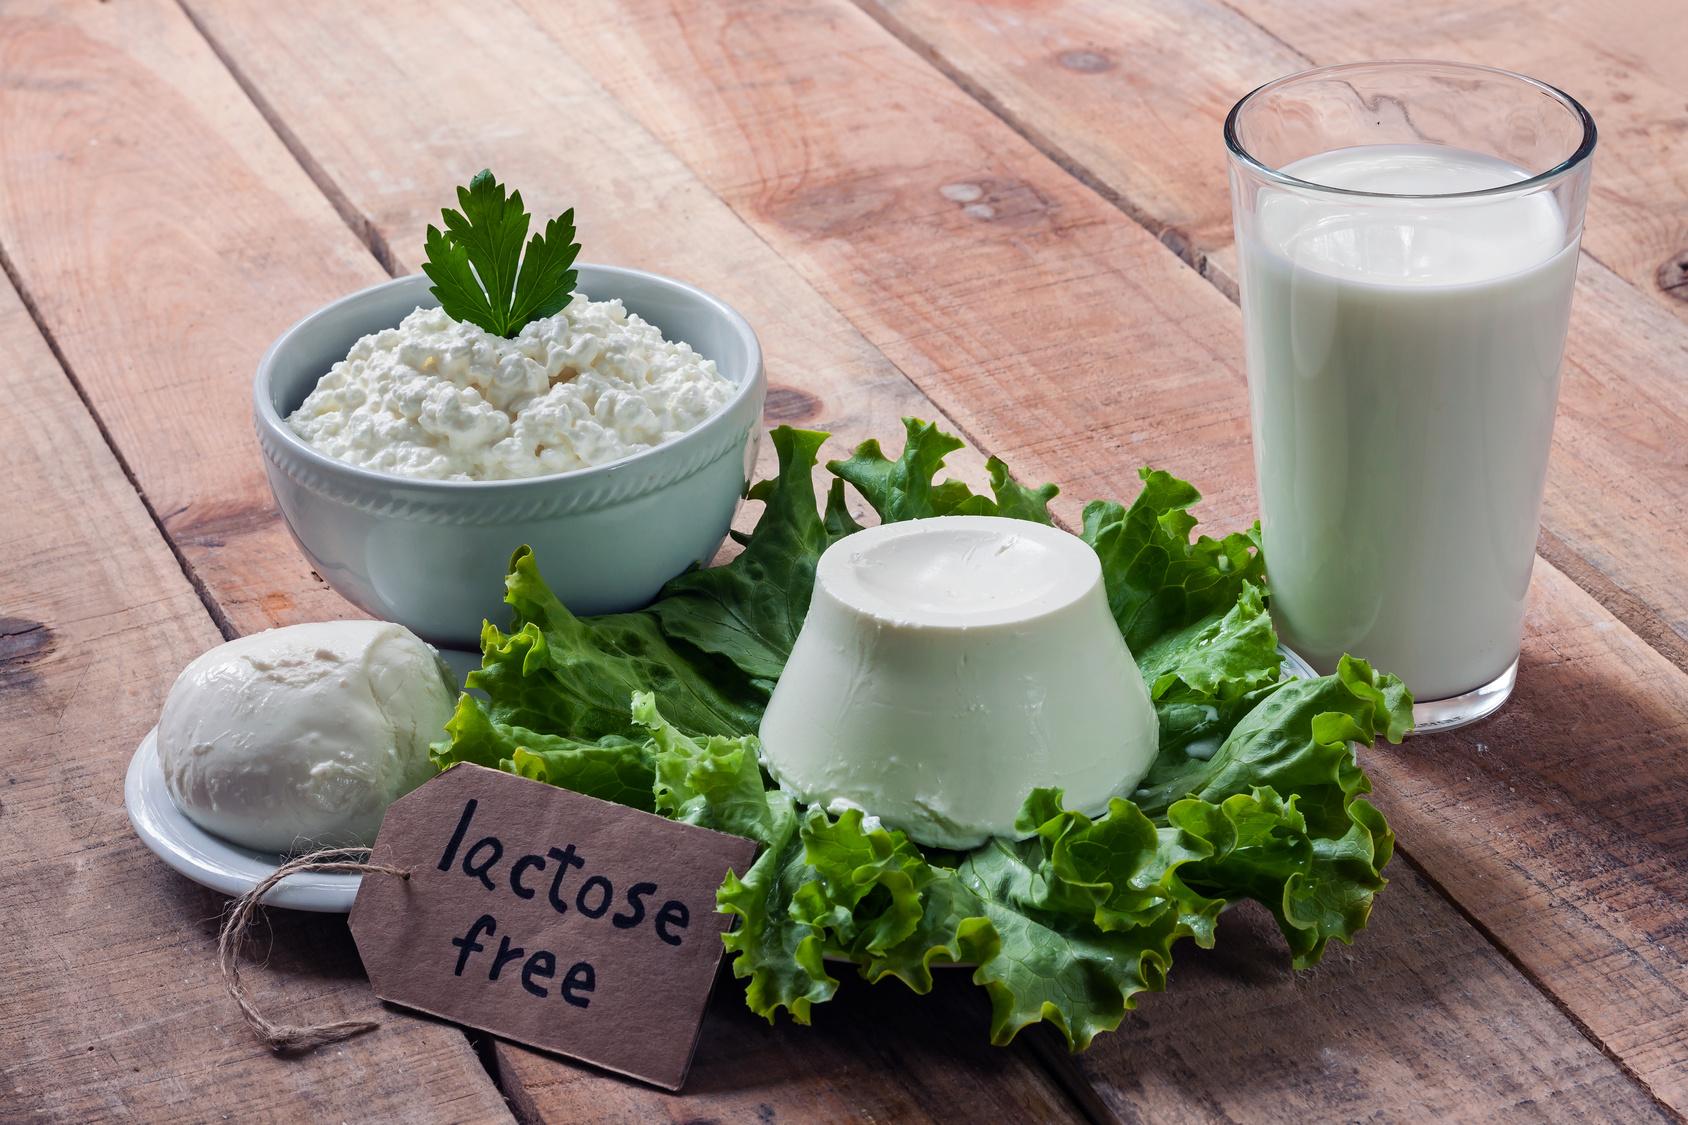 Senza glutine e senza lattosio: oltre 4.500 prodotti per gli intolleranti